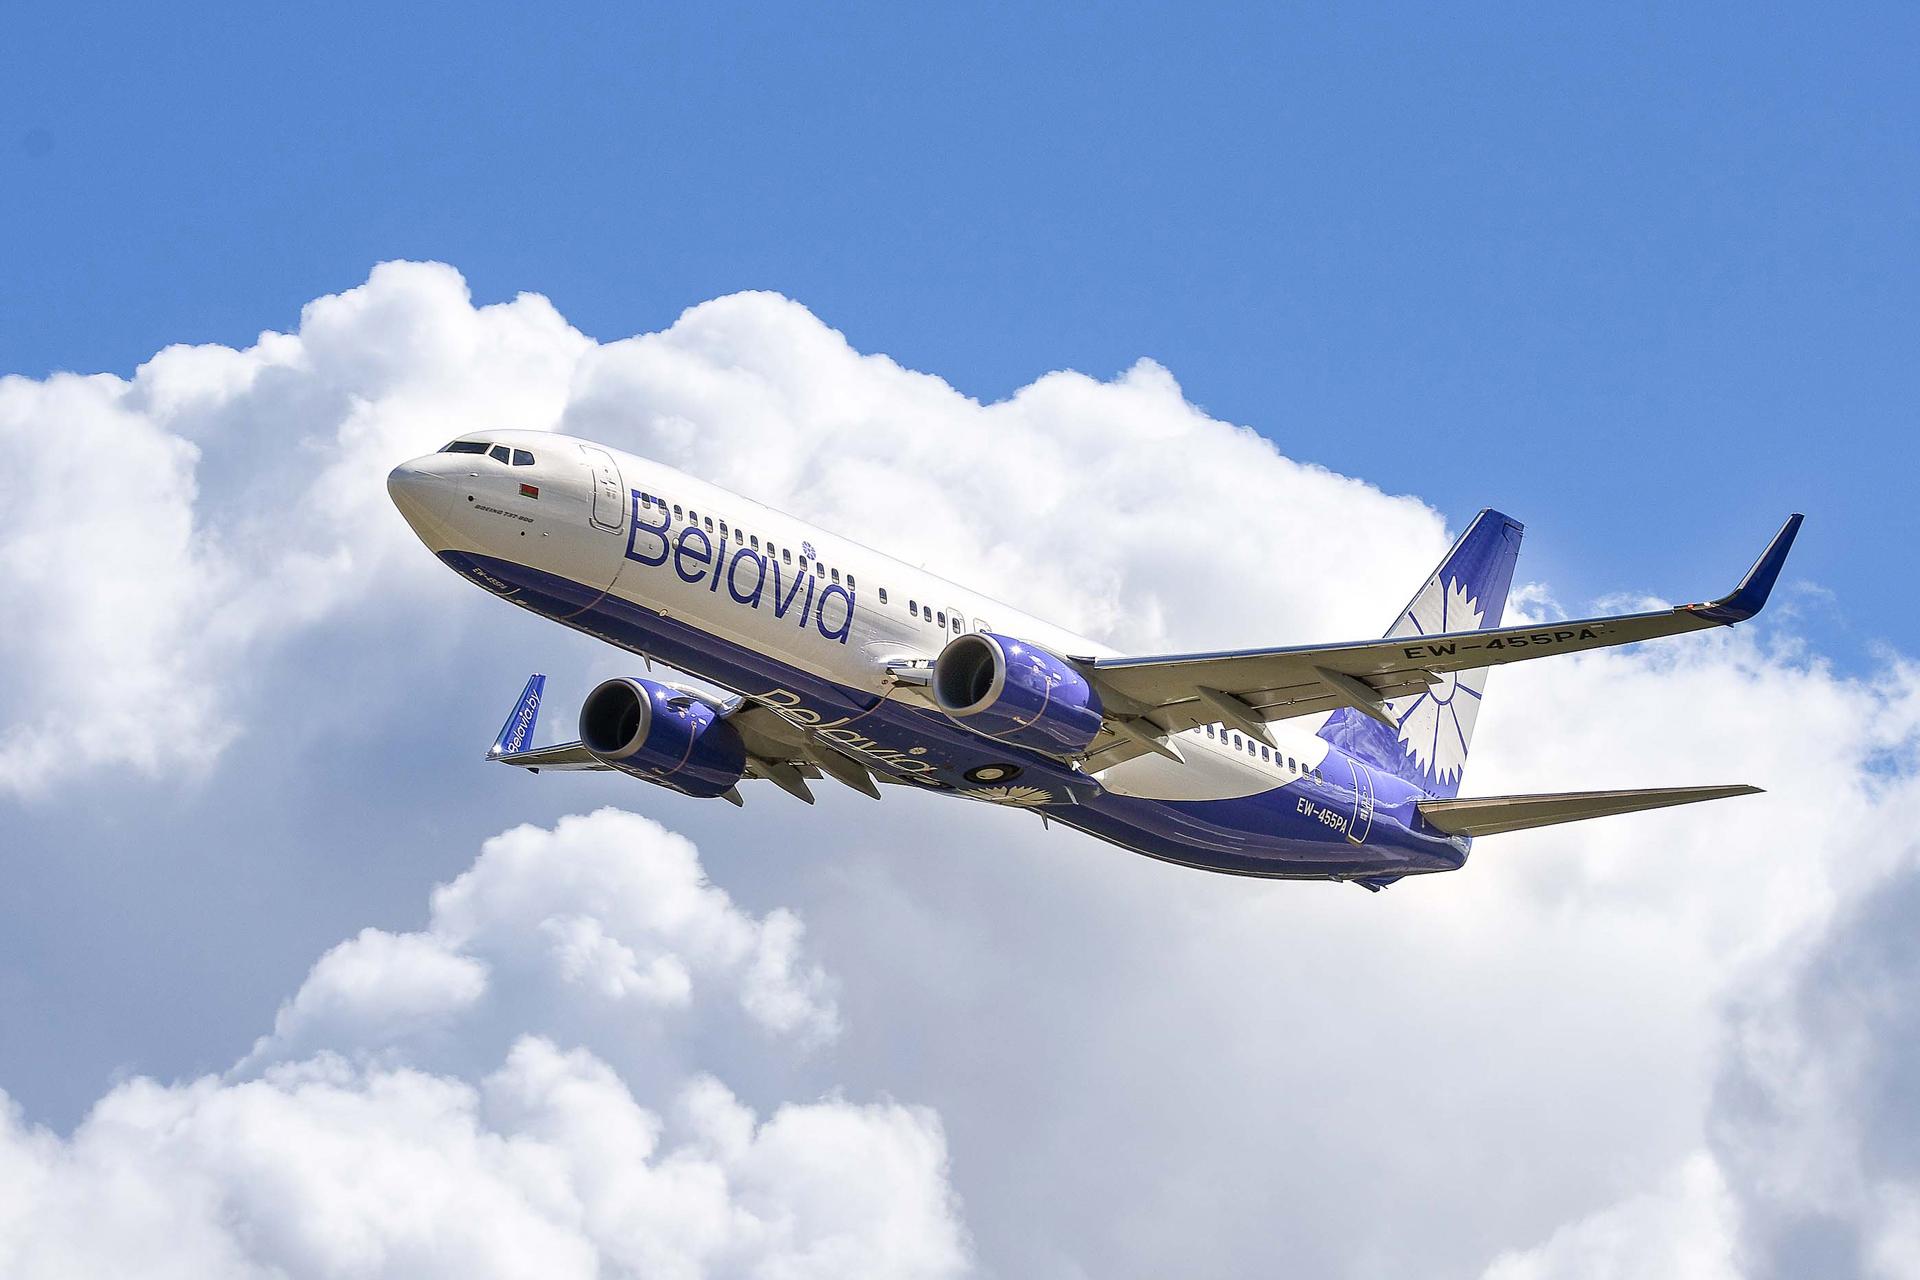 ВРостове началась продажа авиабилетов напрямой рейс вМинск